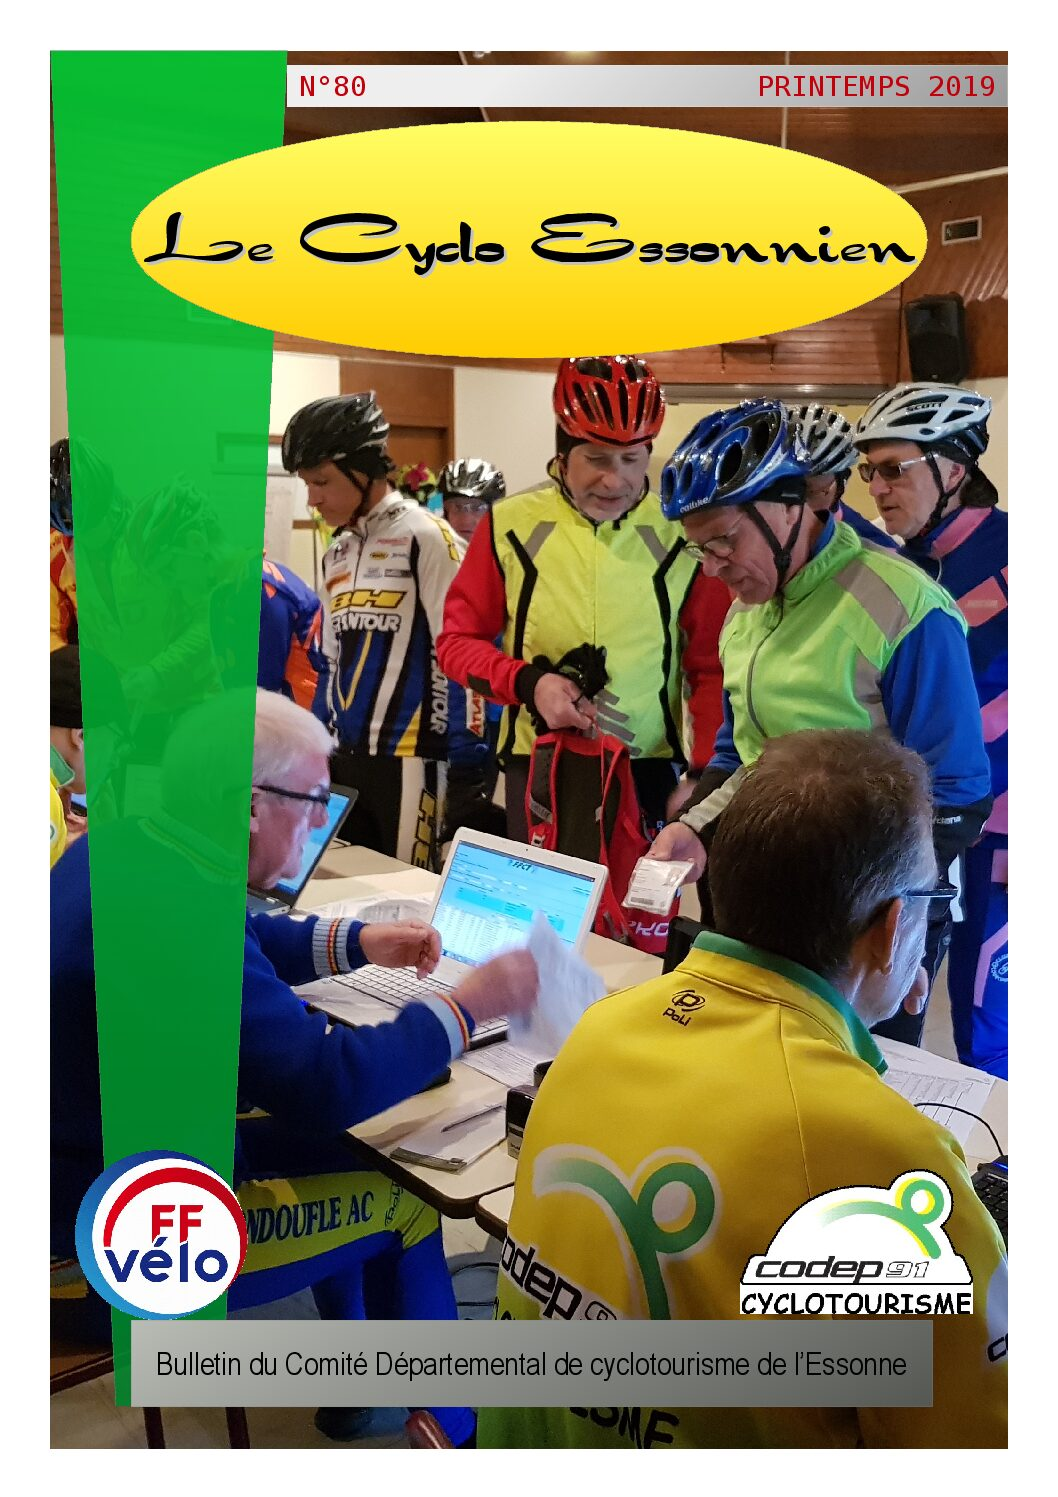 Le Cyclo Essonnien n°80